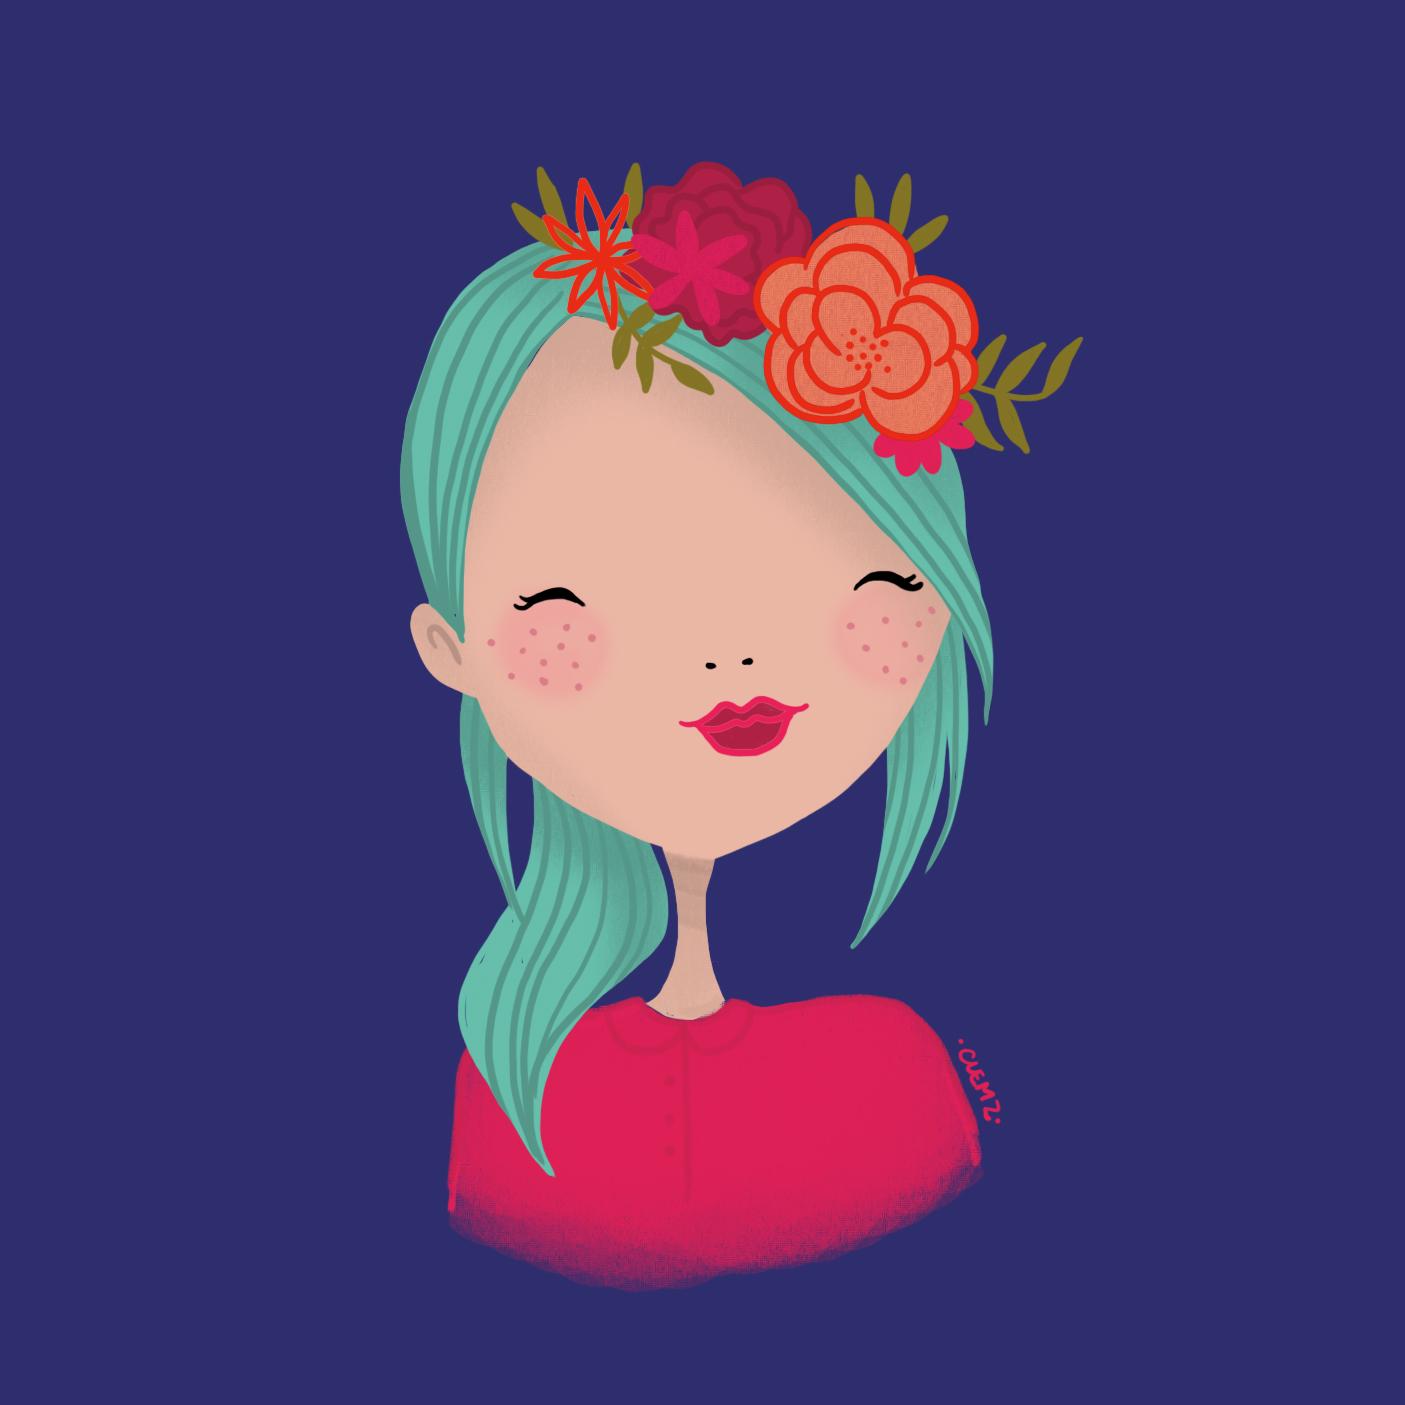 illustration fille fleur - lyon - paris - france